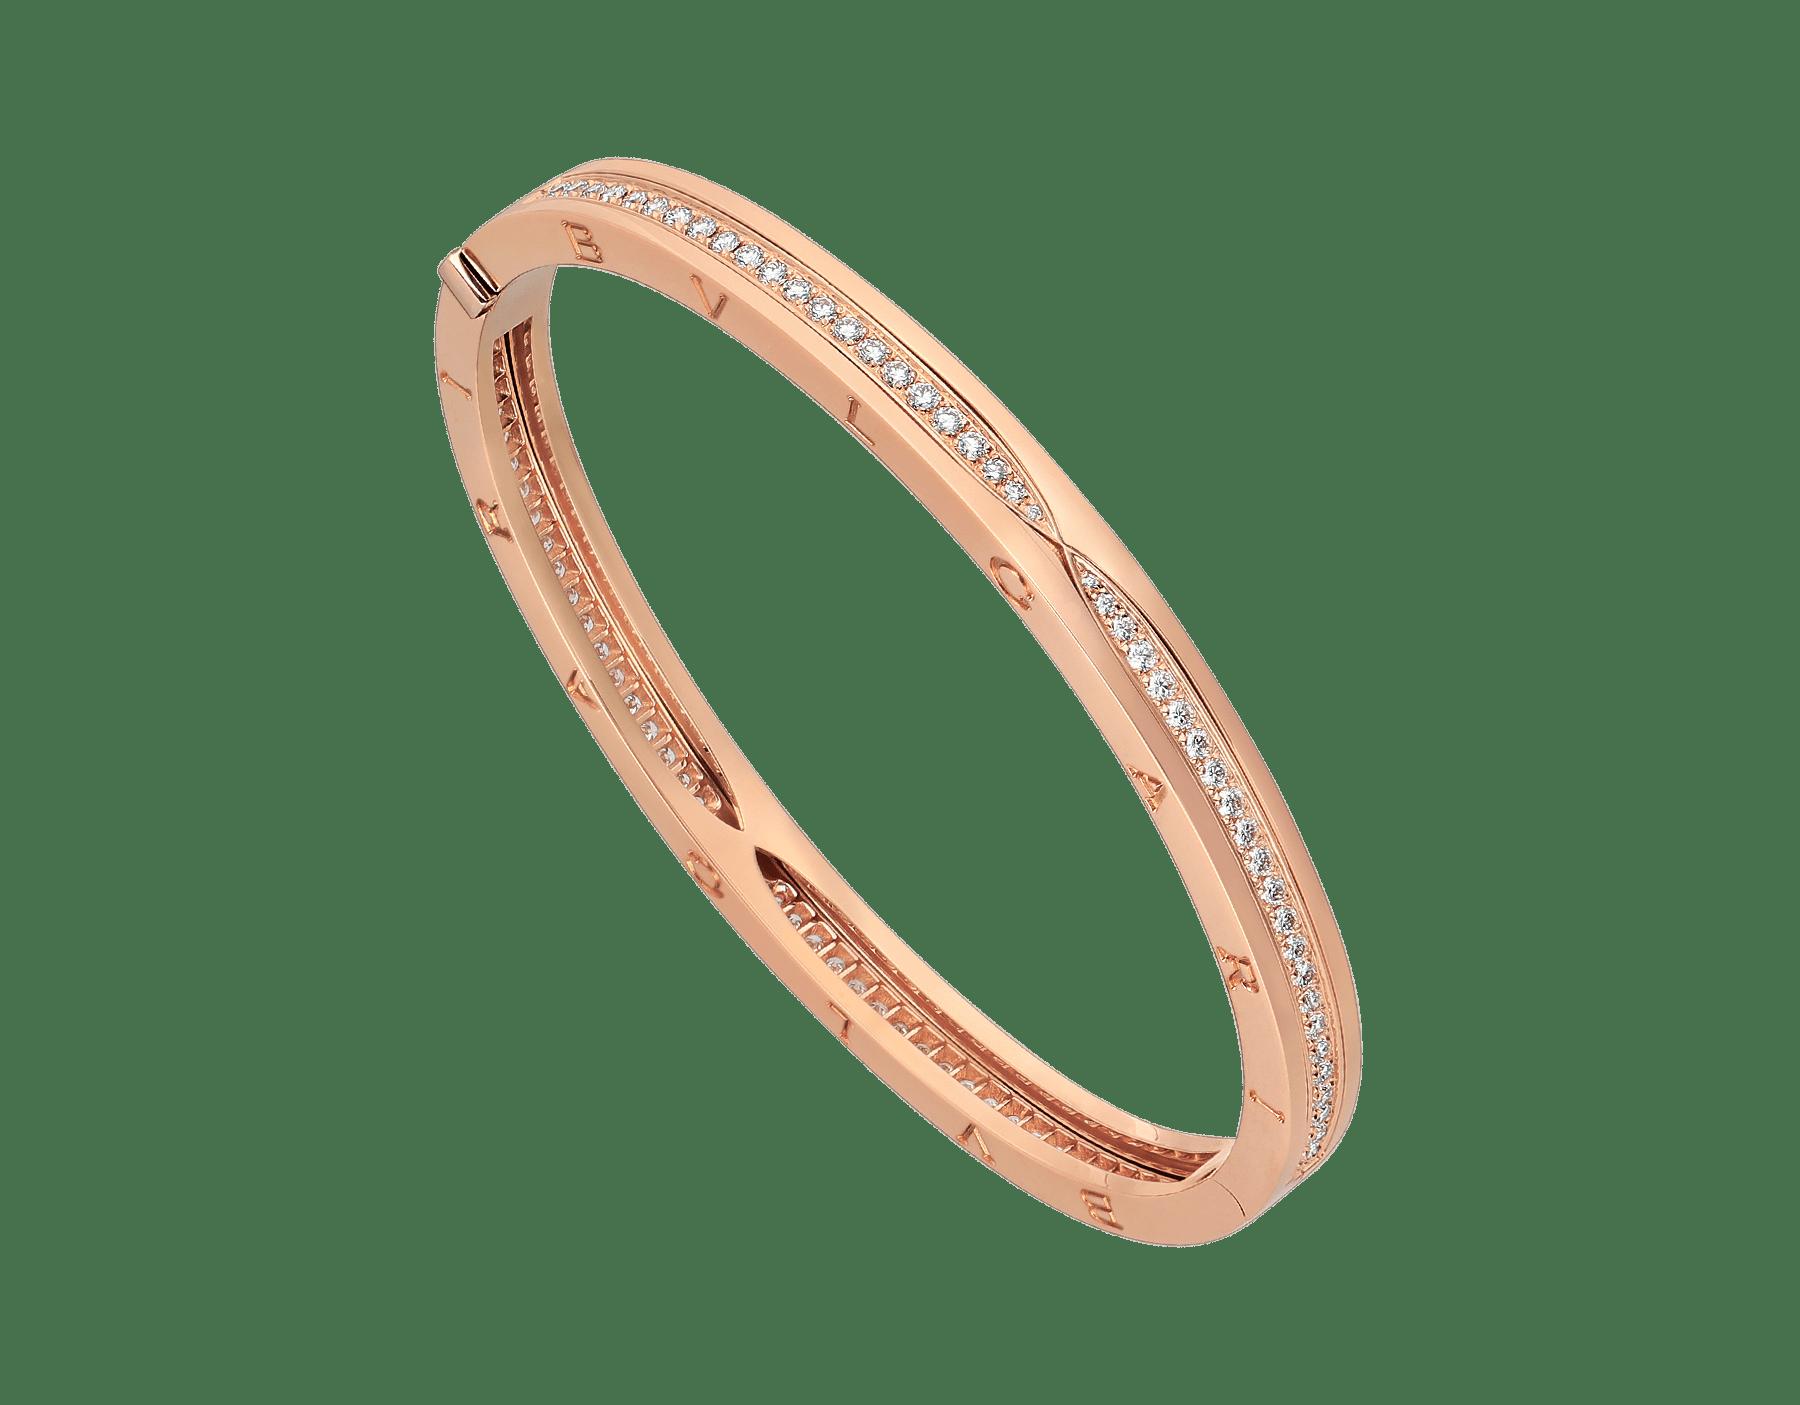 Mêlant spirale emblématique audacieuse et pavé diamants éclatant, le bracelet jonc B.zero1 dévoile une personnalité polyvalente et une élégance contemporaine. BR857372 image 1